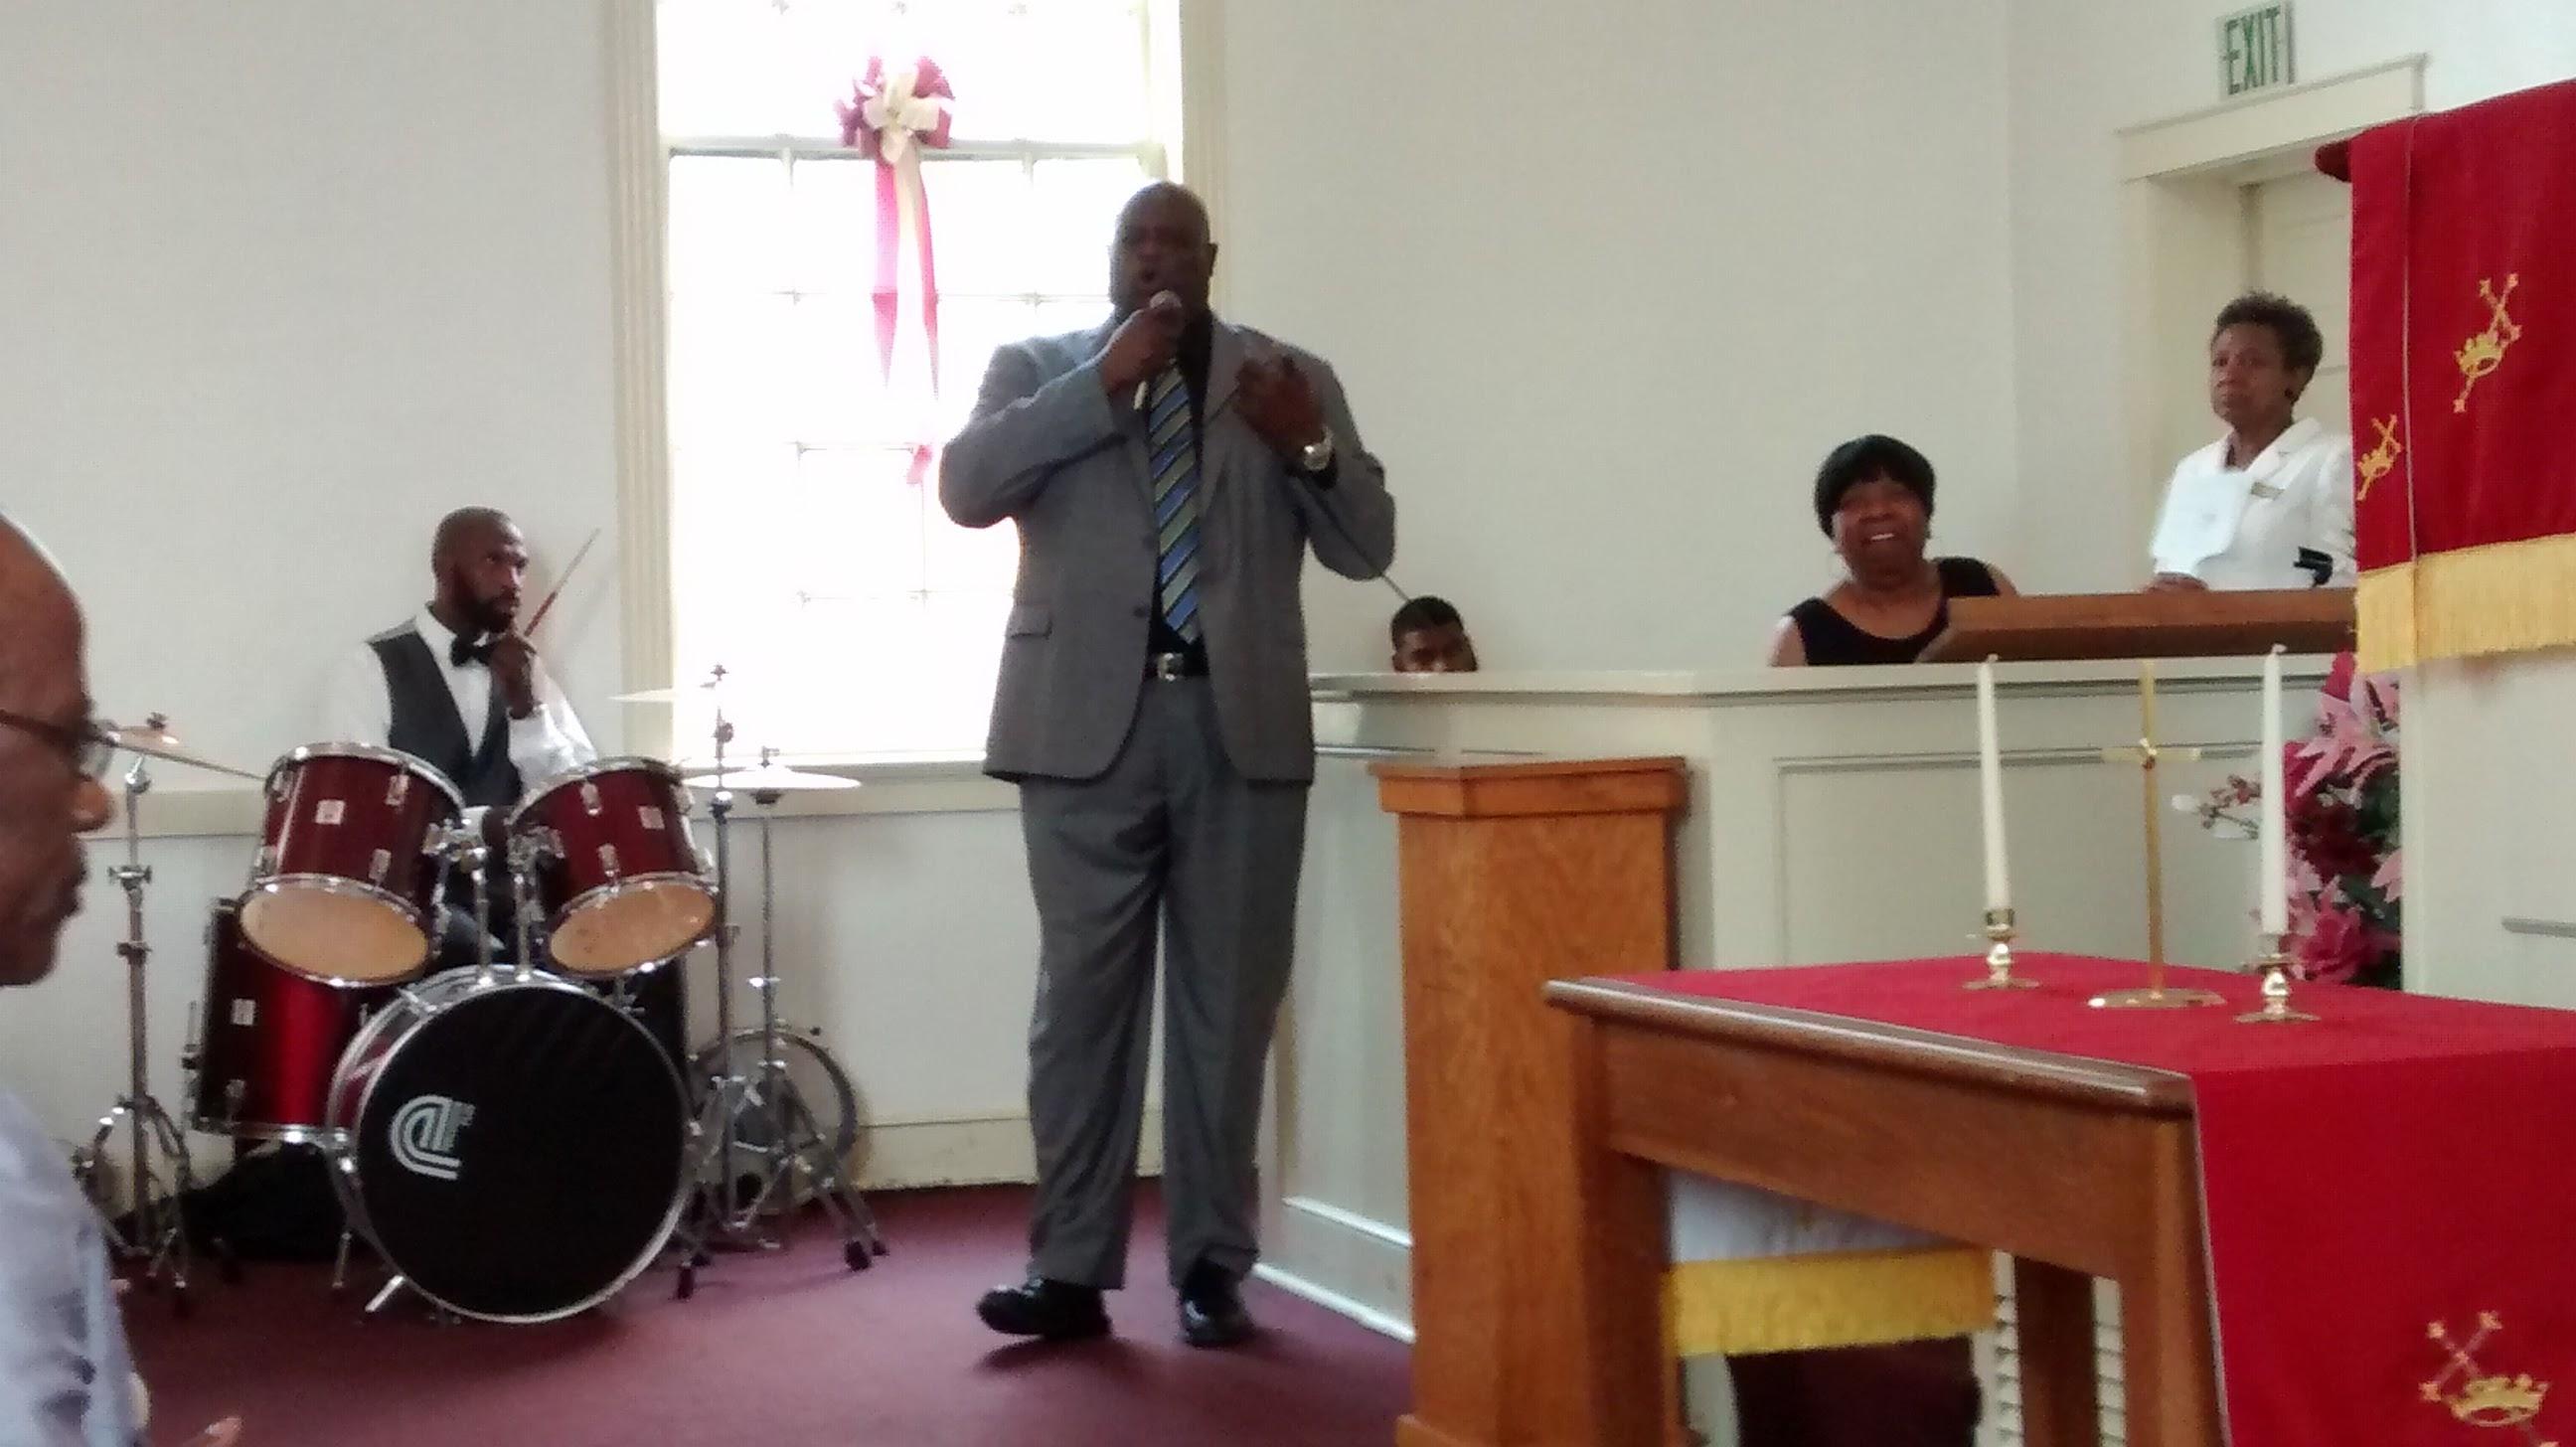 Singing Songs of Praise